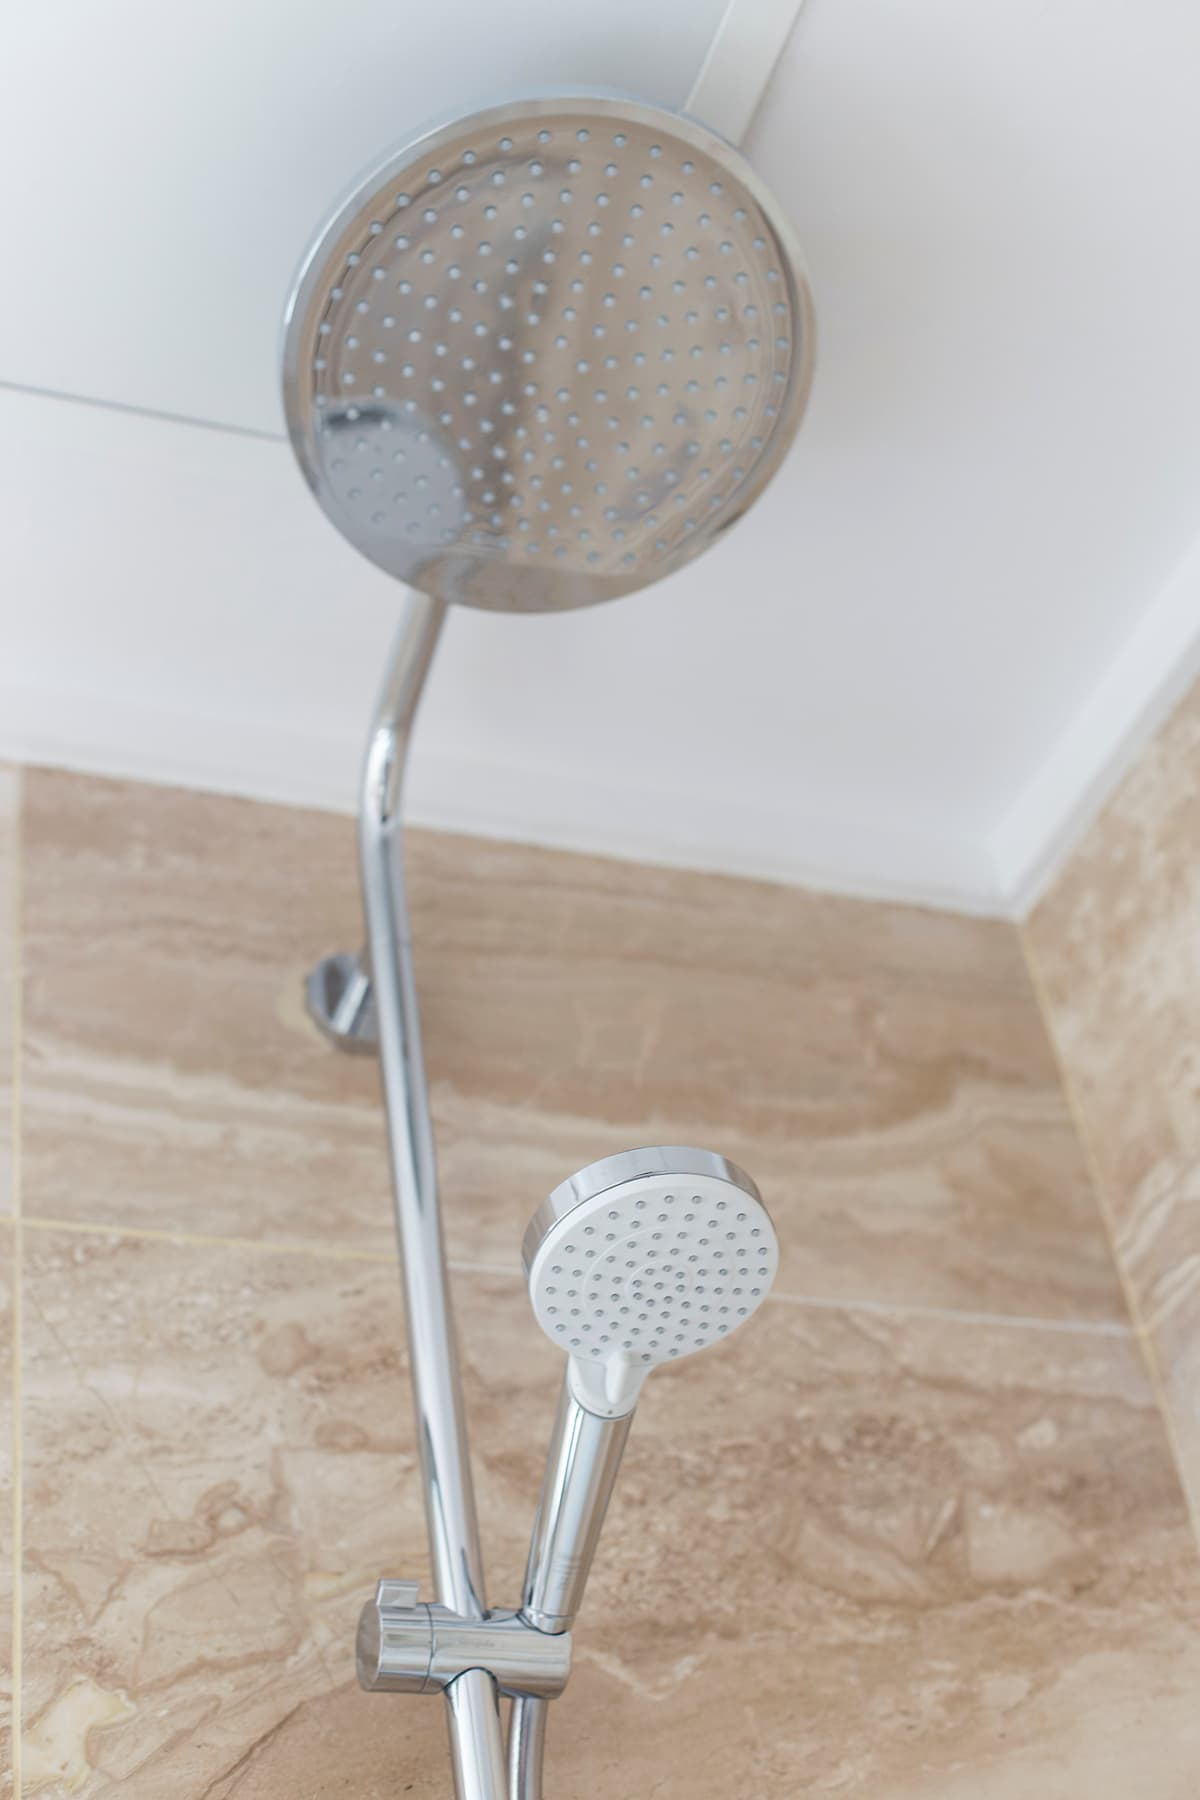 Ducha de baño reformado